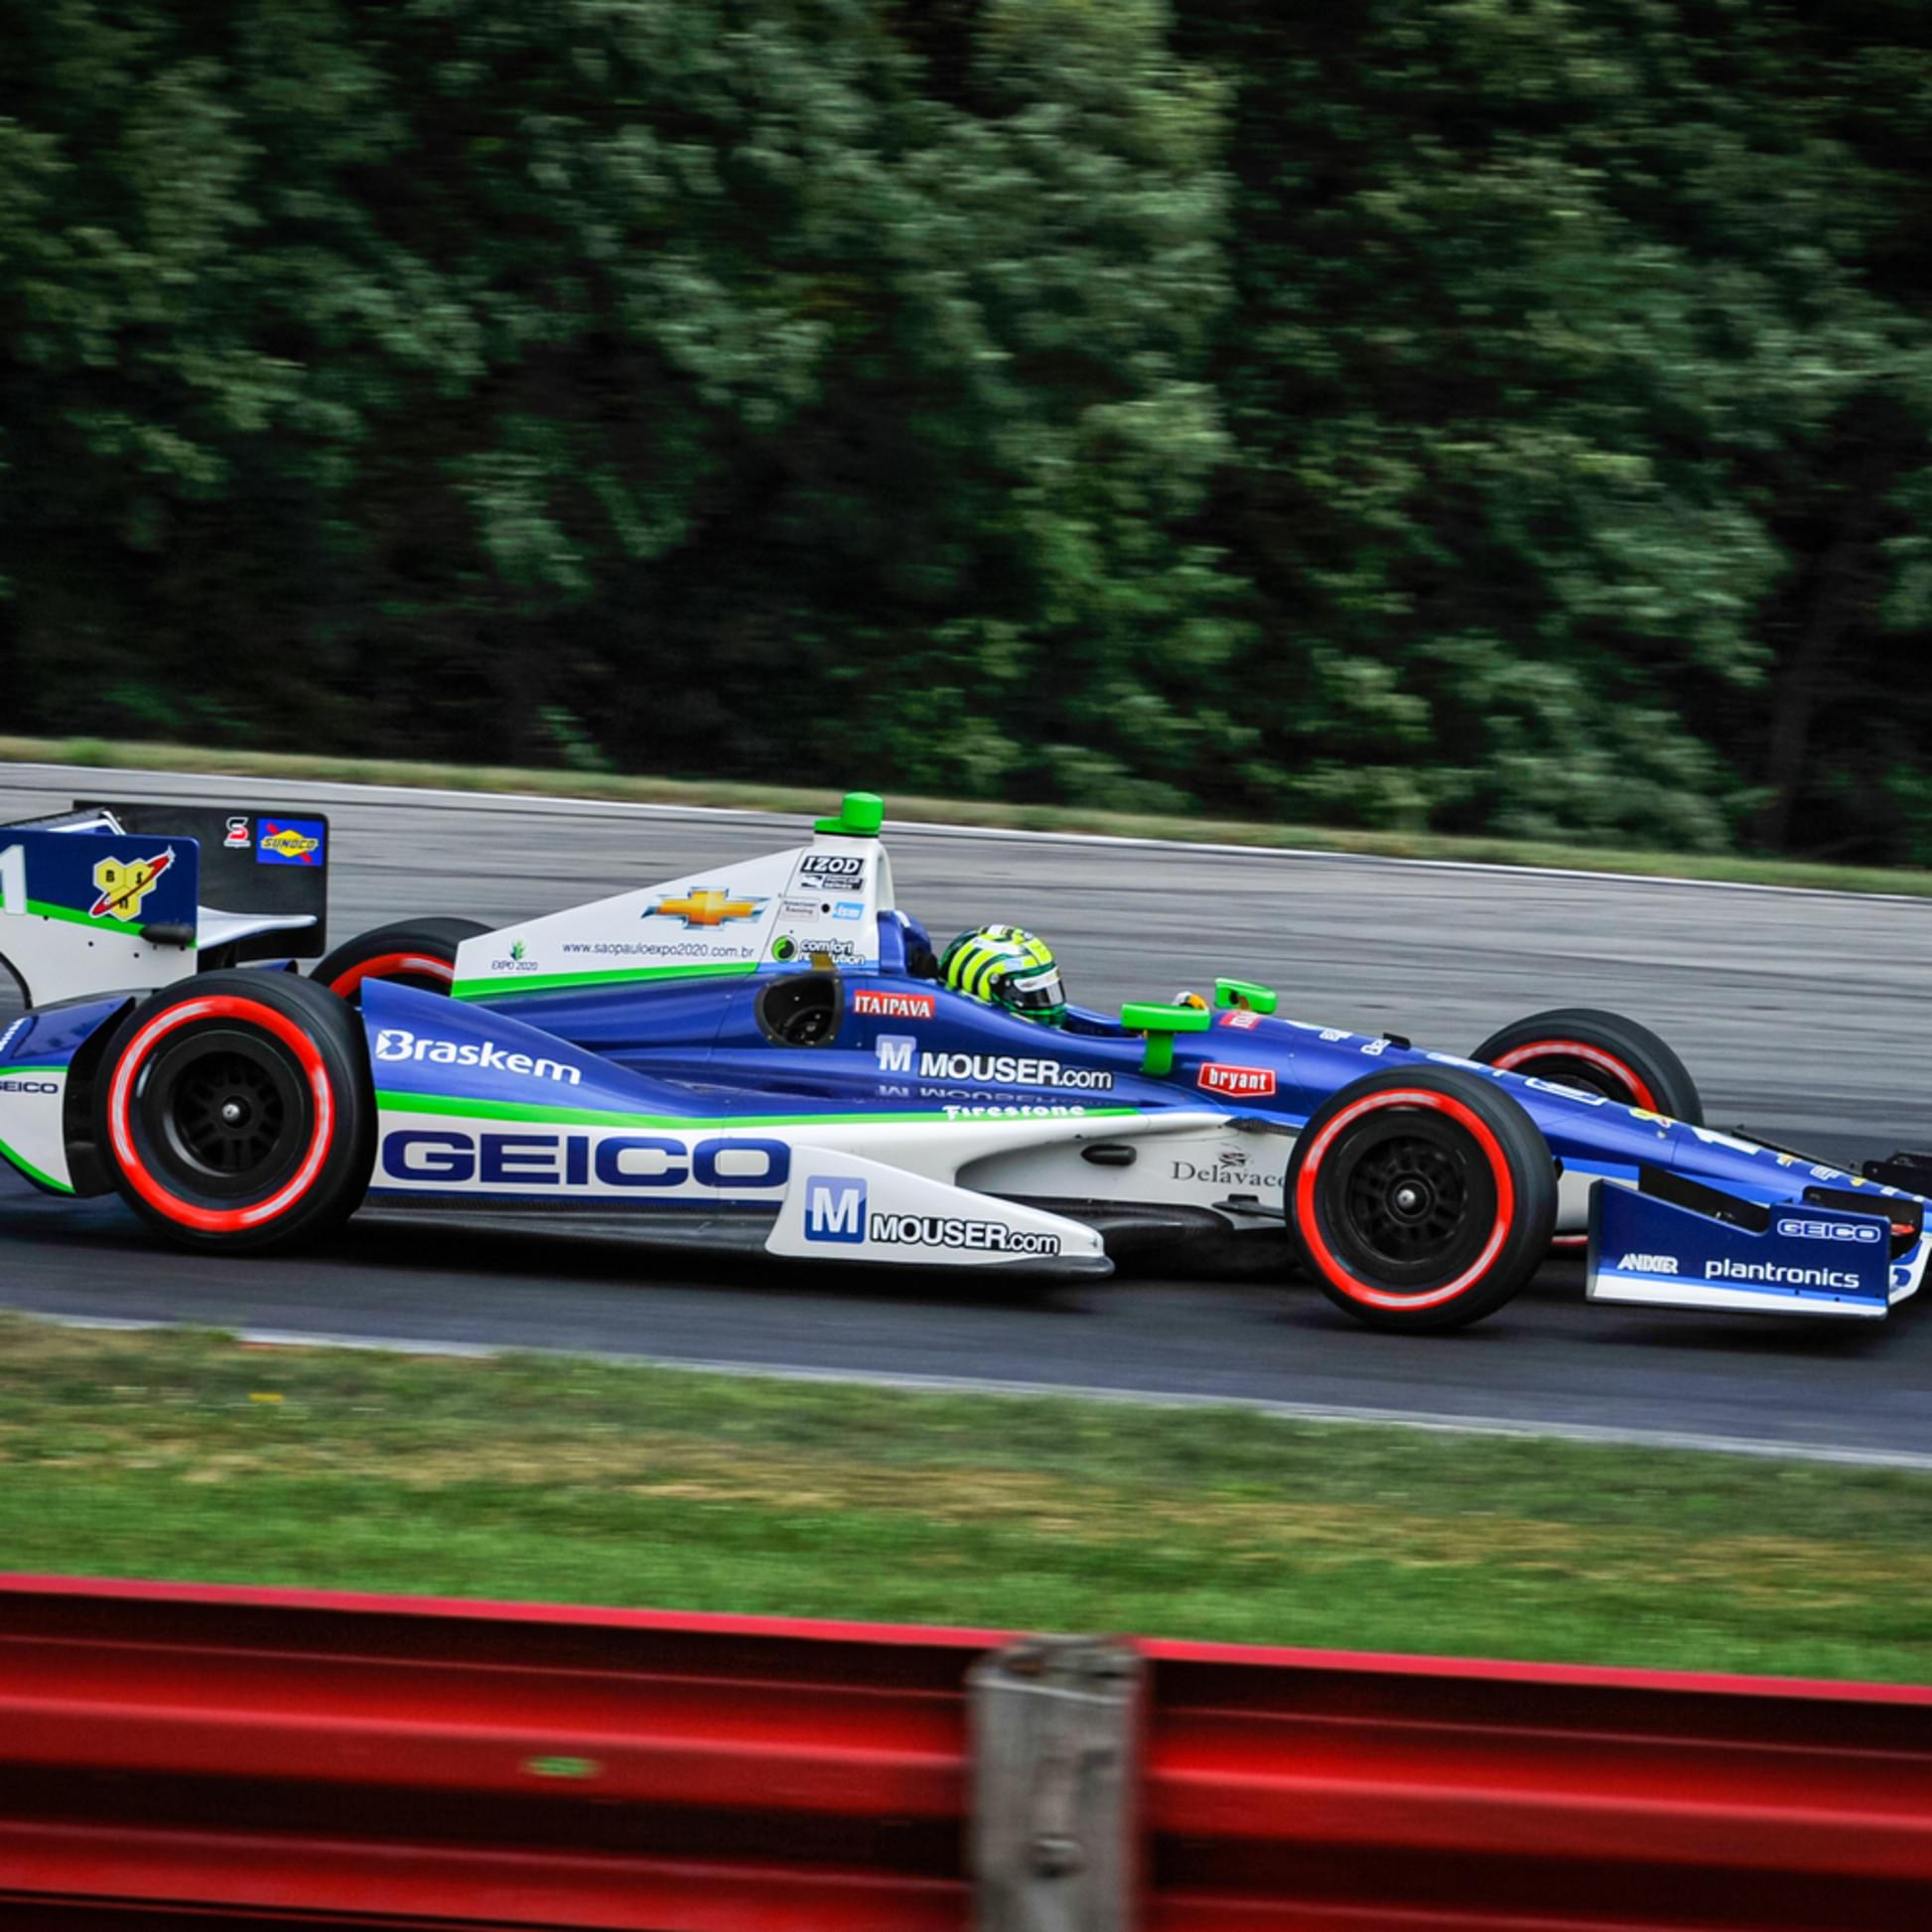 Geico formula 1 car smbuxk